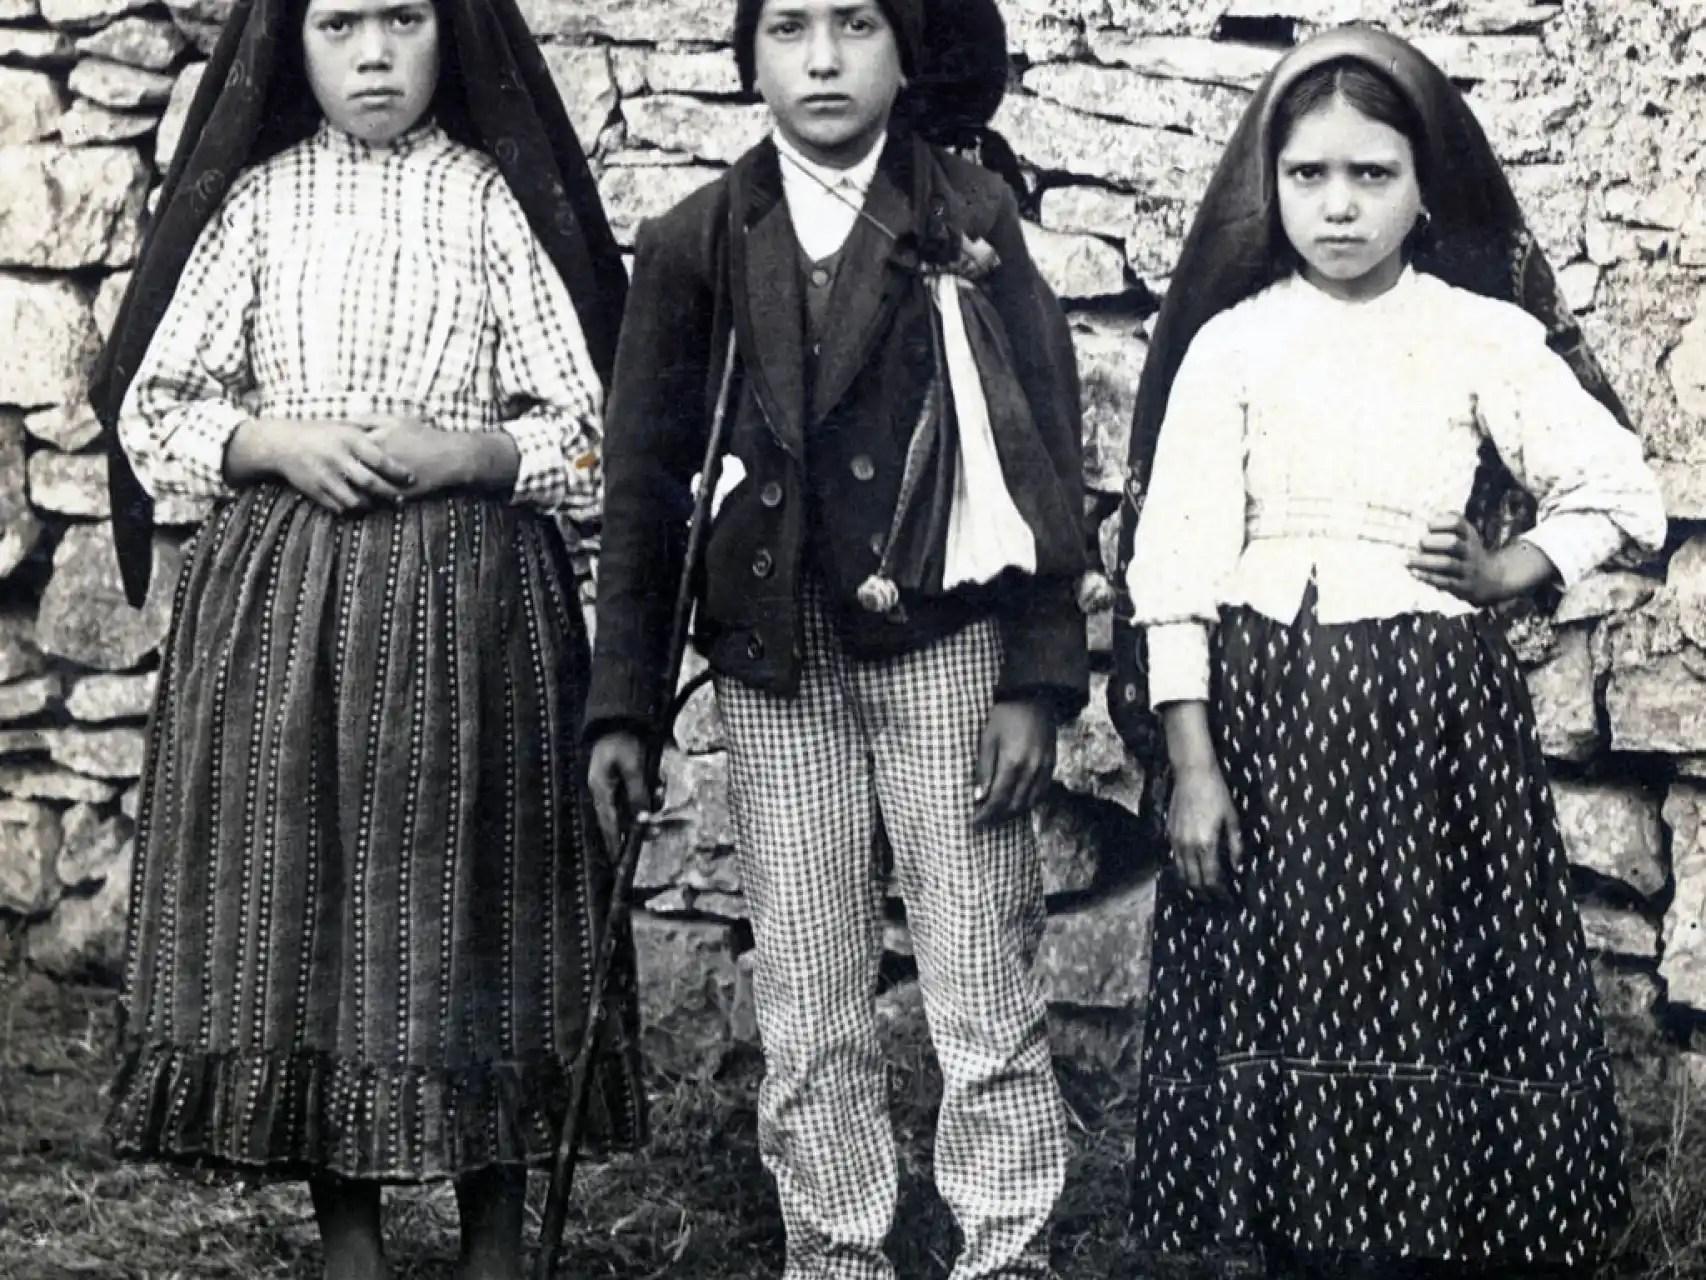 De izquierda a derecha, Lucía, Francisco y Jacinta, los pastorcillos que vieron a la virgen.